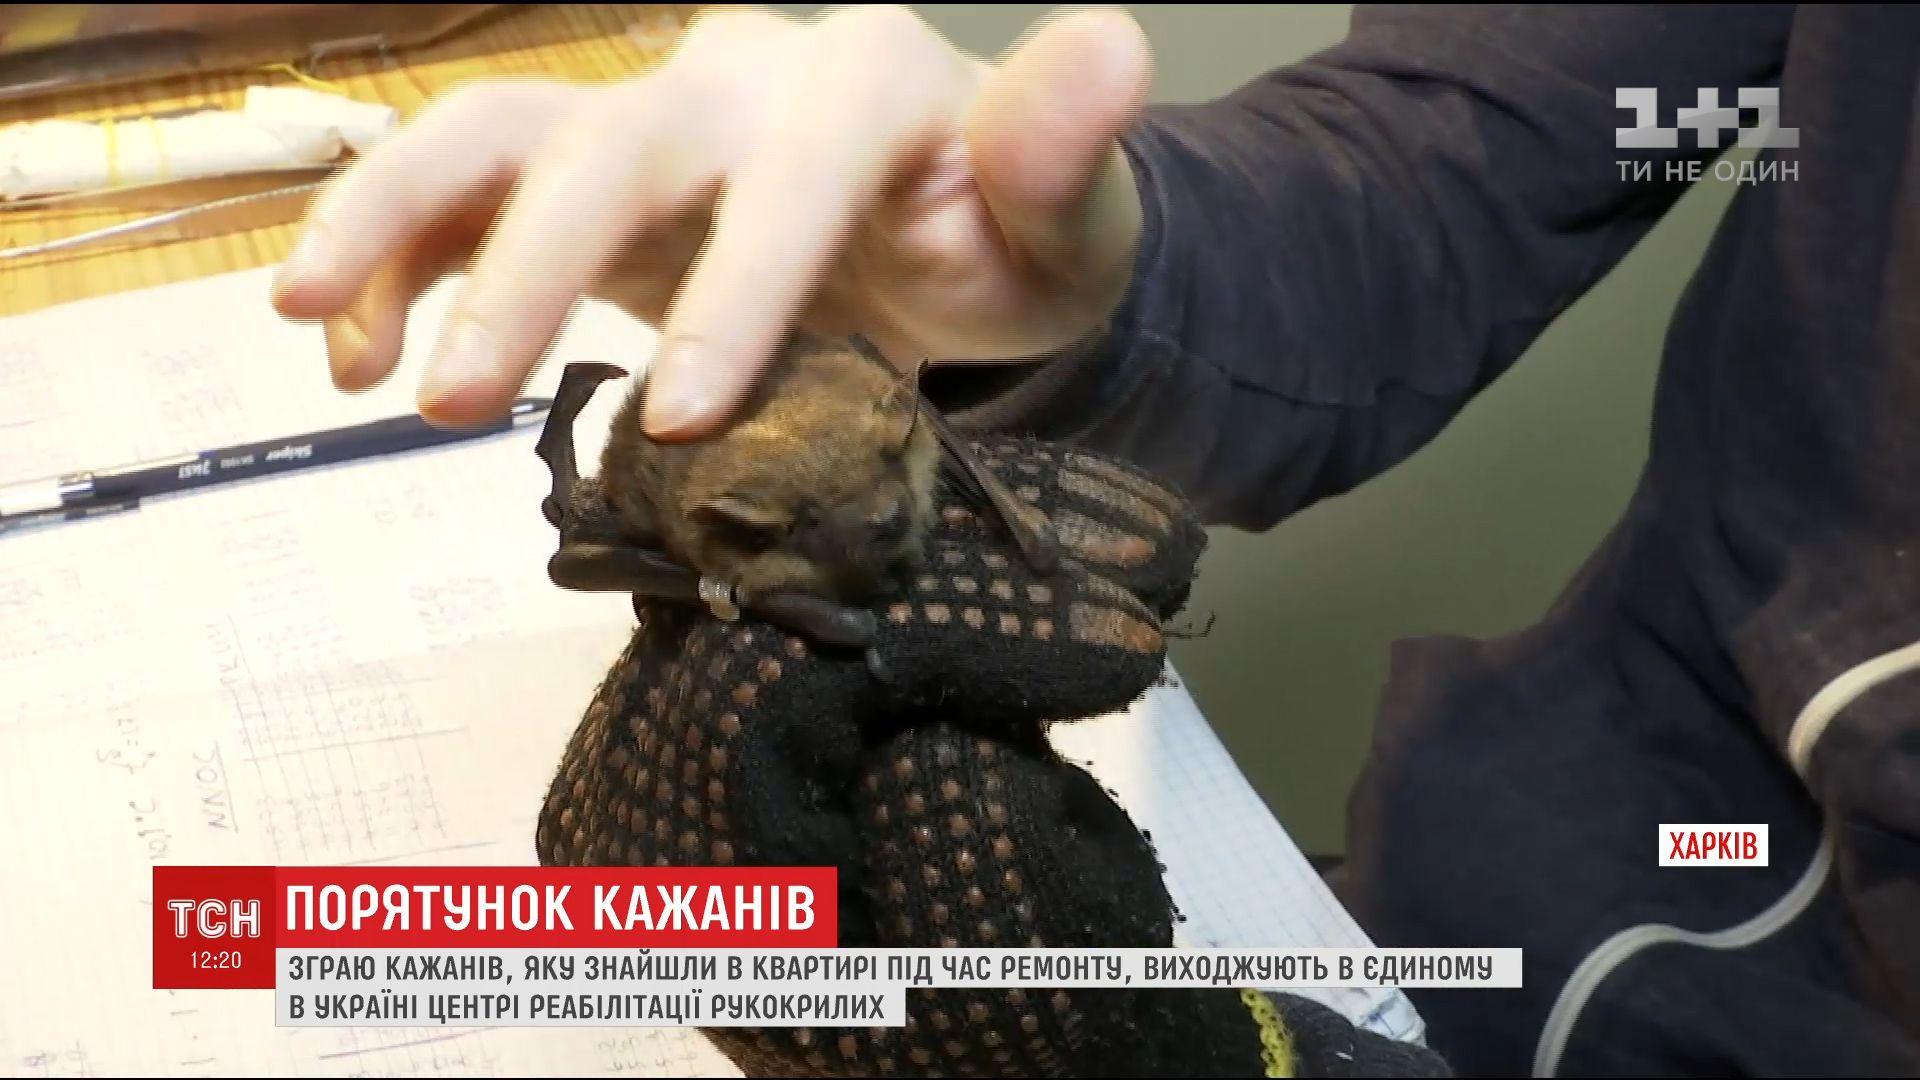 Специалисты считают чудом то, что летучие мыши выжили / скриншот